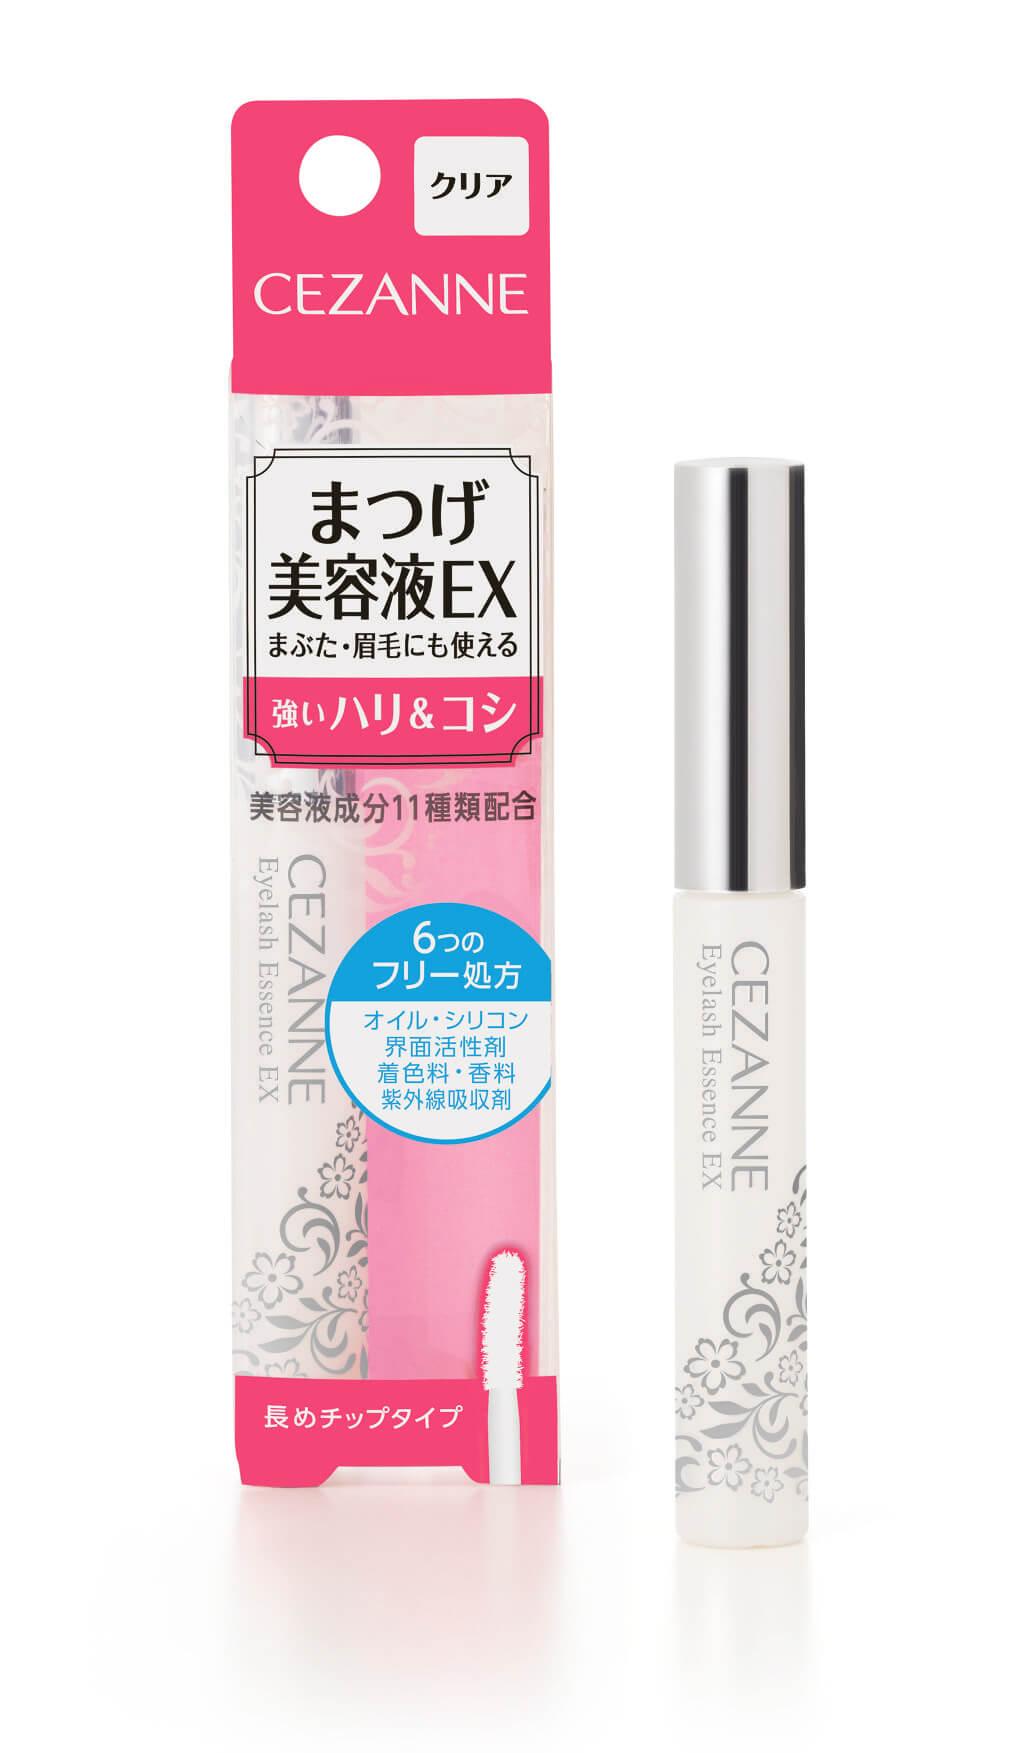 CEZANNE Eyelash Essence EX HK$35/5.4g 精華液添加了十一種精華成分,賦予睫毛及眼瞼彈性韌性,令睫毛更長更粗。成分温和,不易刺激皮膚較薄、較敏感的眼周,同時具備六種無添加配方:無油、無矽、無界面活性劑、無色素、無香料、無紫外線吸收劑,同時適用於眉毛。